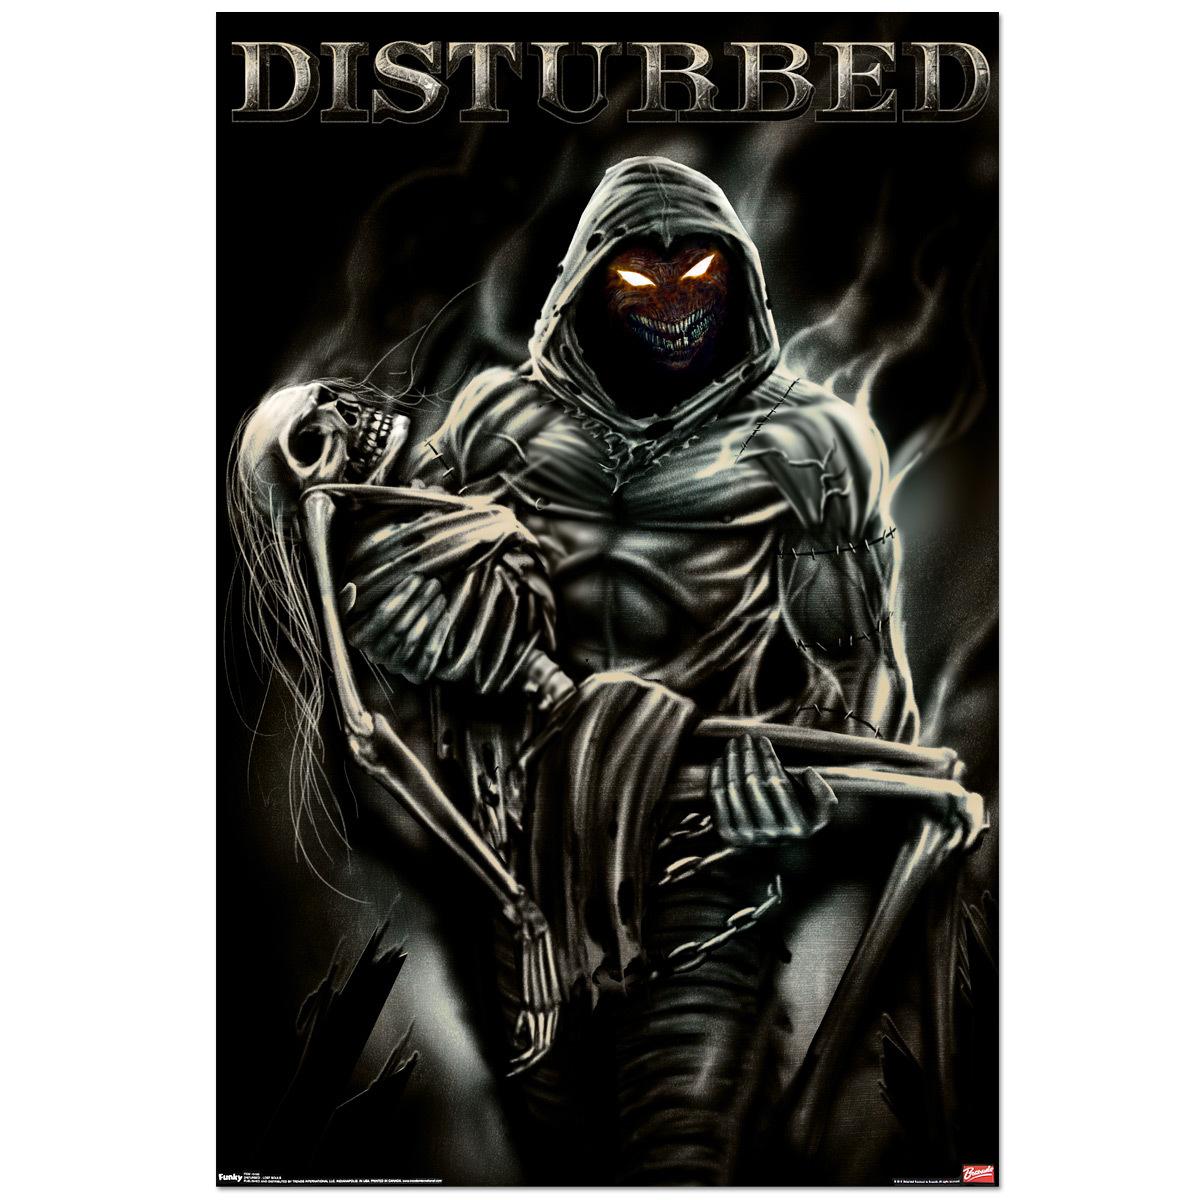 18140 обои 360x640 на телефон бесплатно, скачать картинки Смерть, Disturbed (Disturbed), Музыка, Фон 360x640 на мобильный